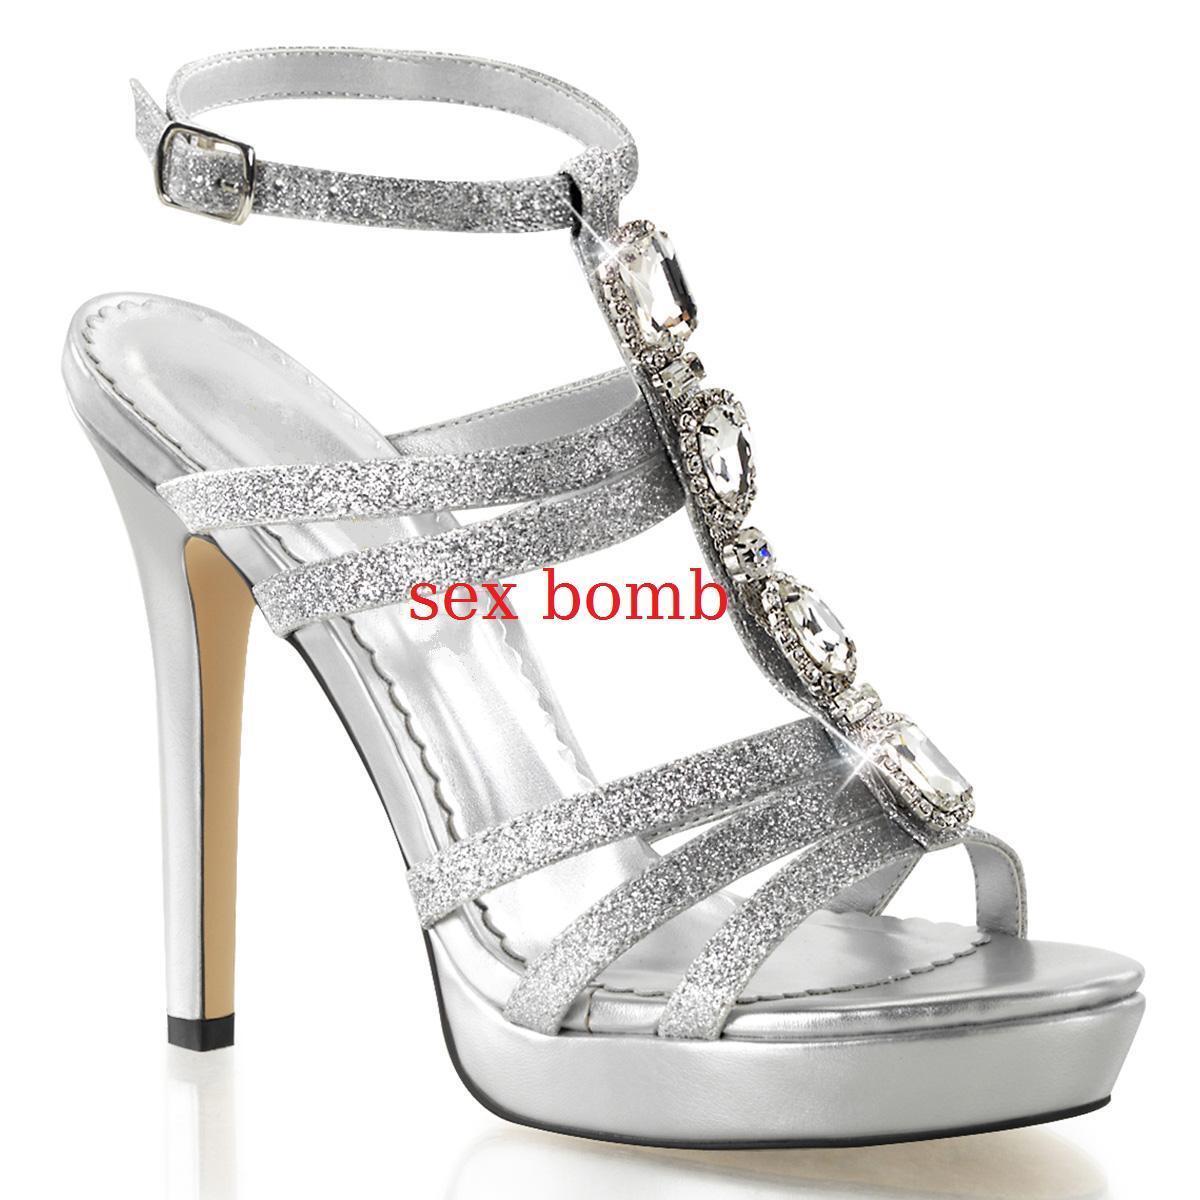 SEXY sandali sandali sandali MAXI strass GLITTER tacco 12 dal 35 al 41 plata plateau GLAMOUR  presentando toda la última moda de la calle